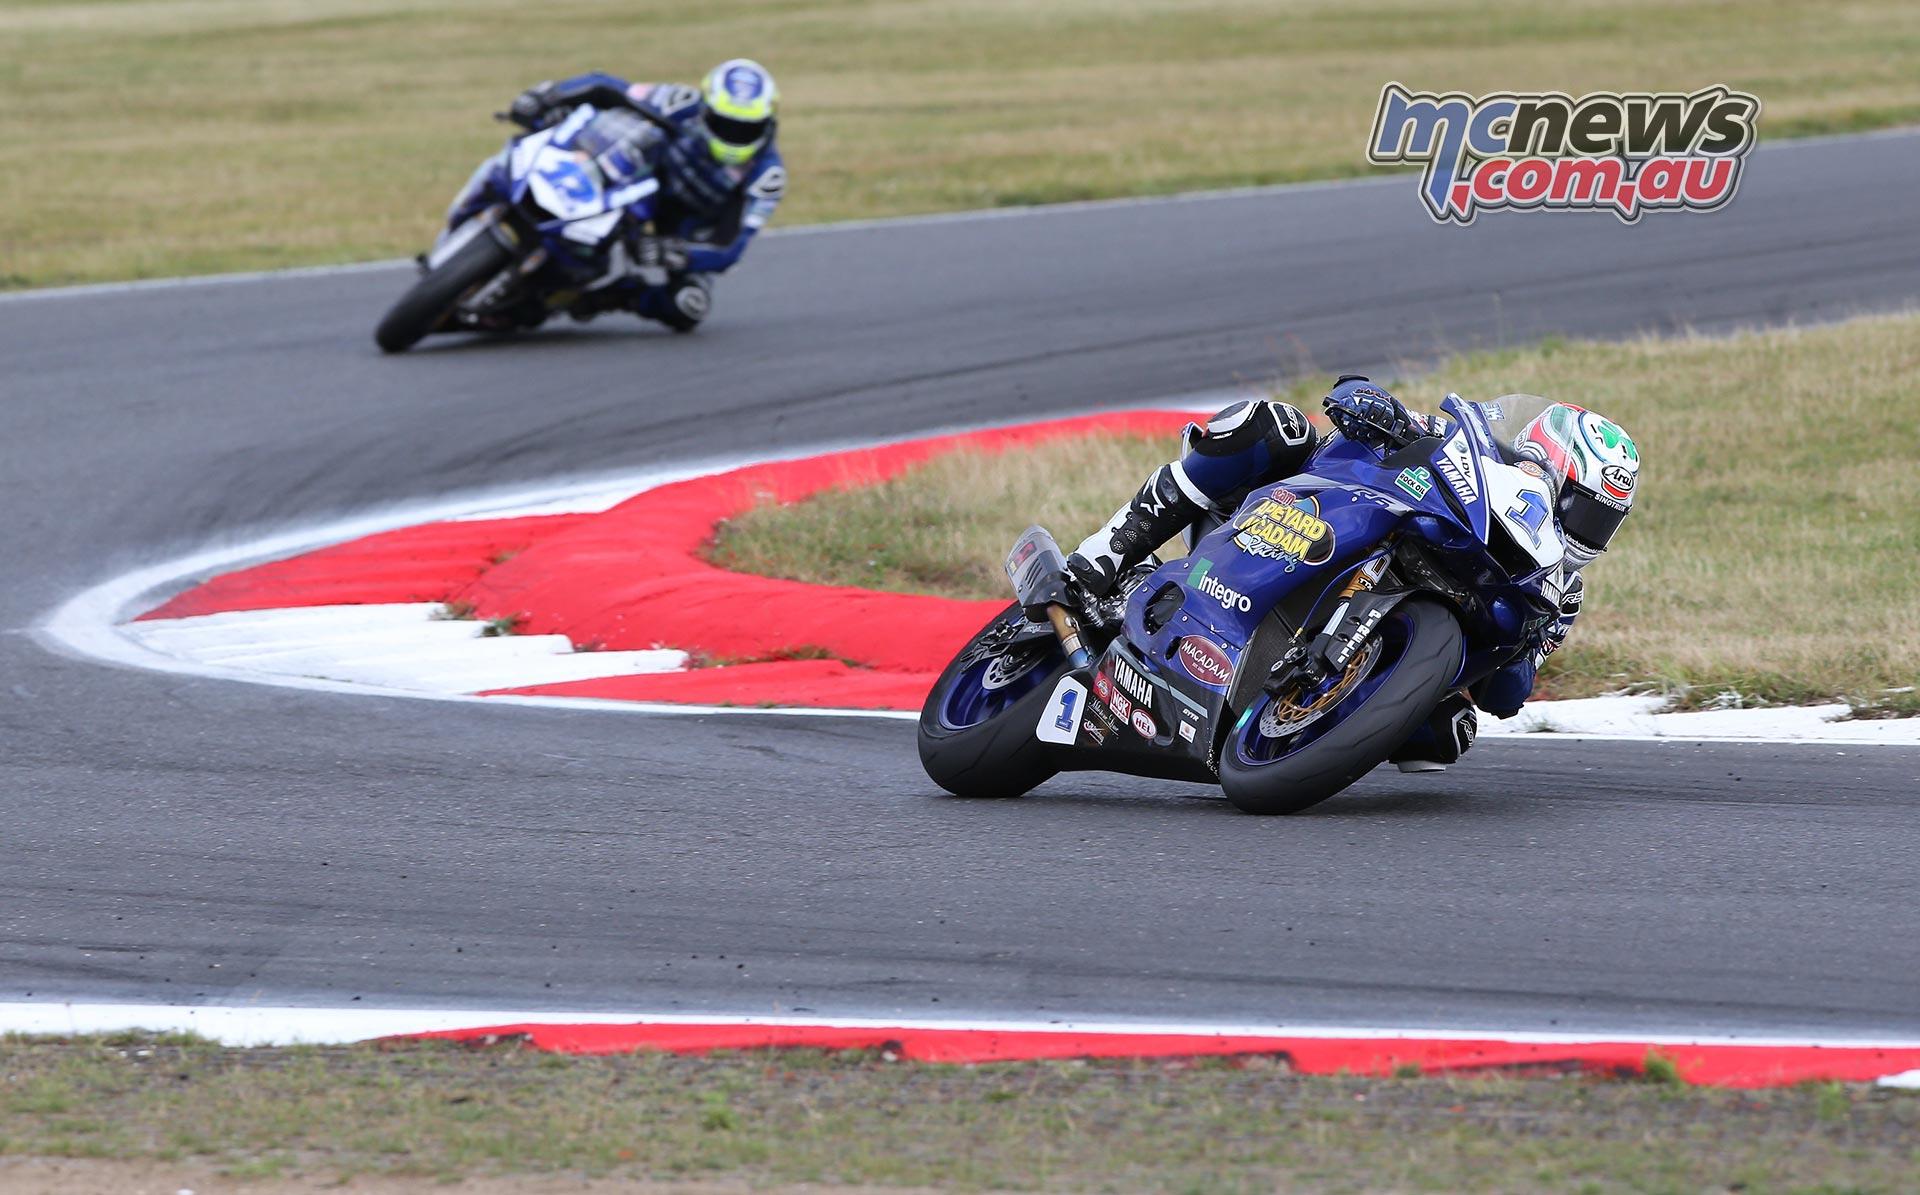 BSB Round Snetterton Supersport Kennedy Jones